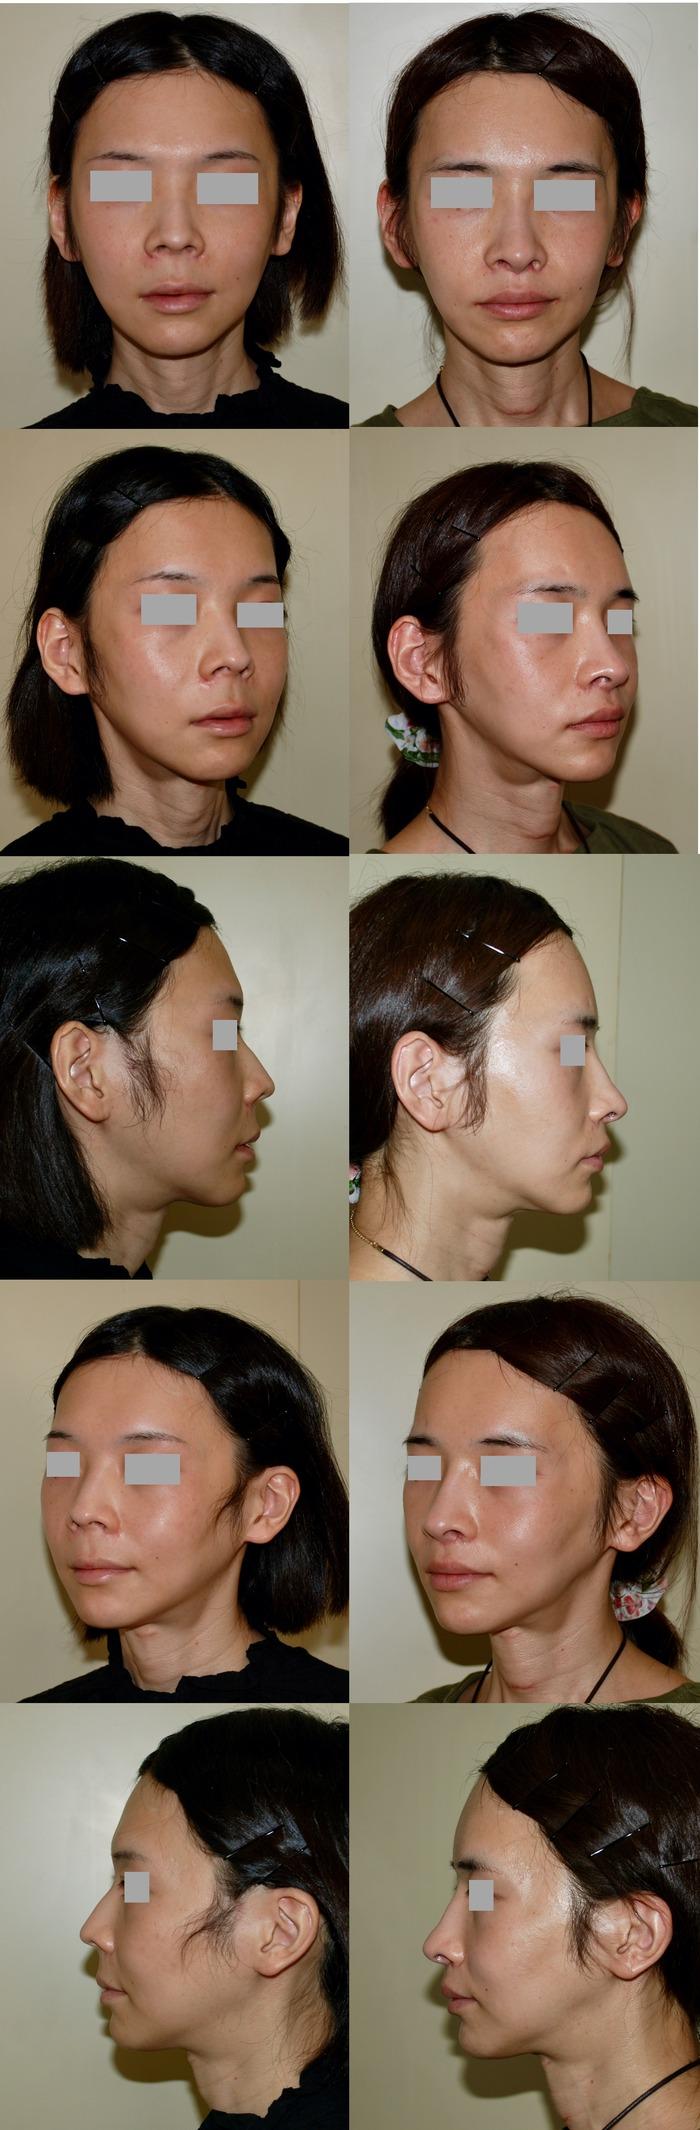 鼻中隔延長術 鼻骨骨切り術 鼻下長短縮術 口角挙上術 術後3か月